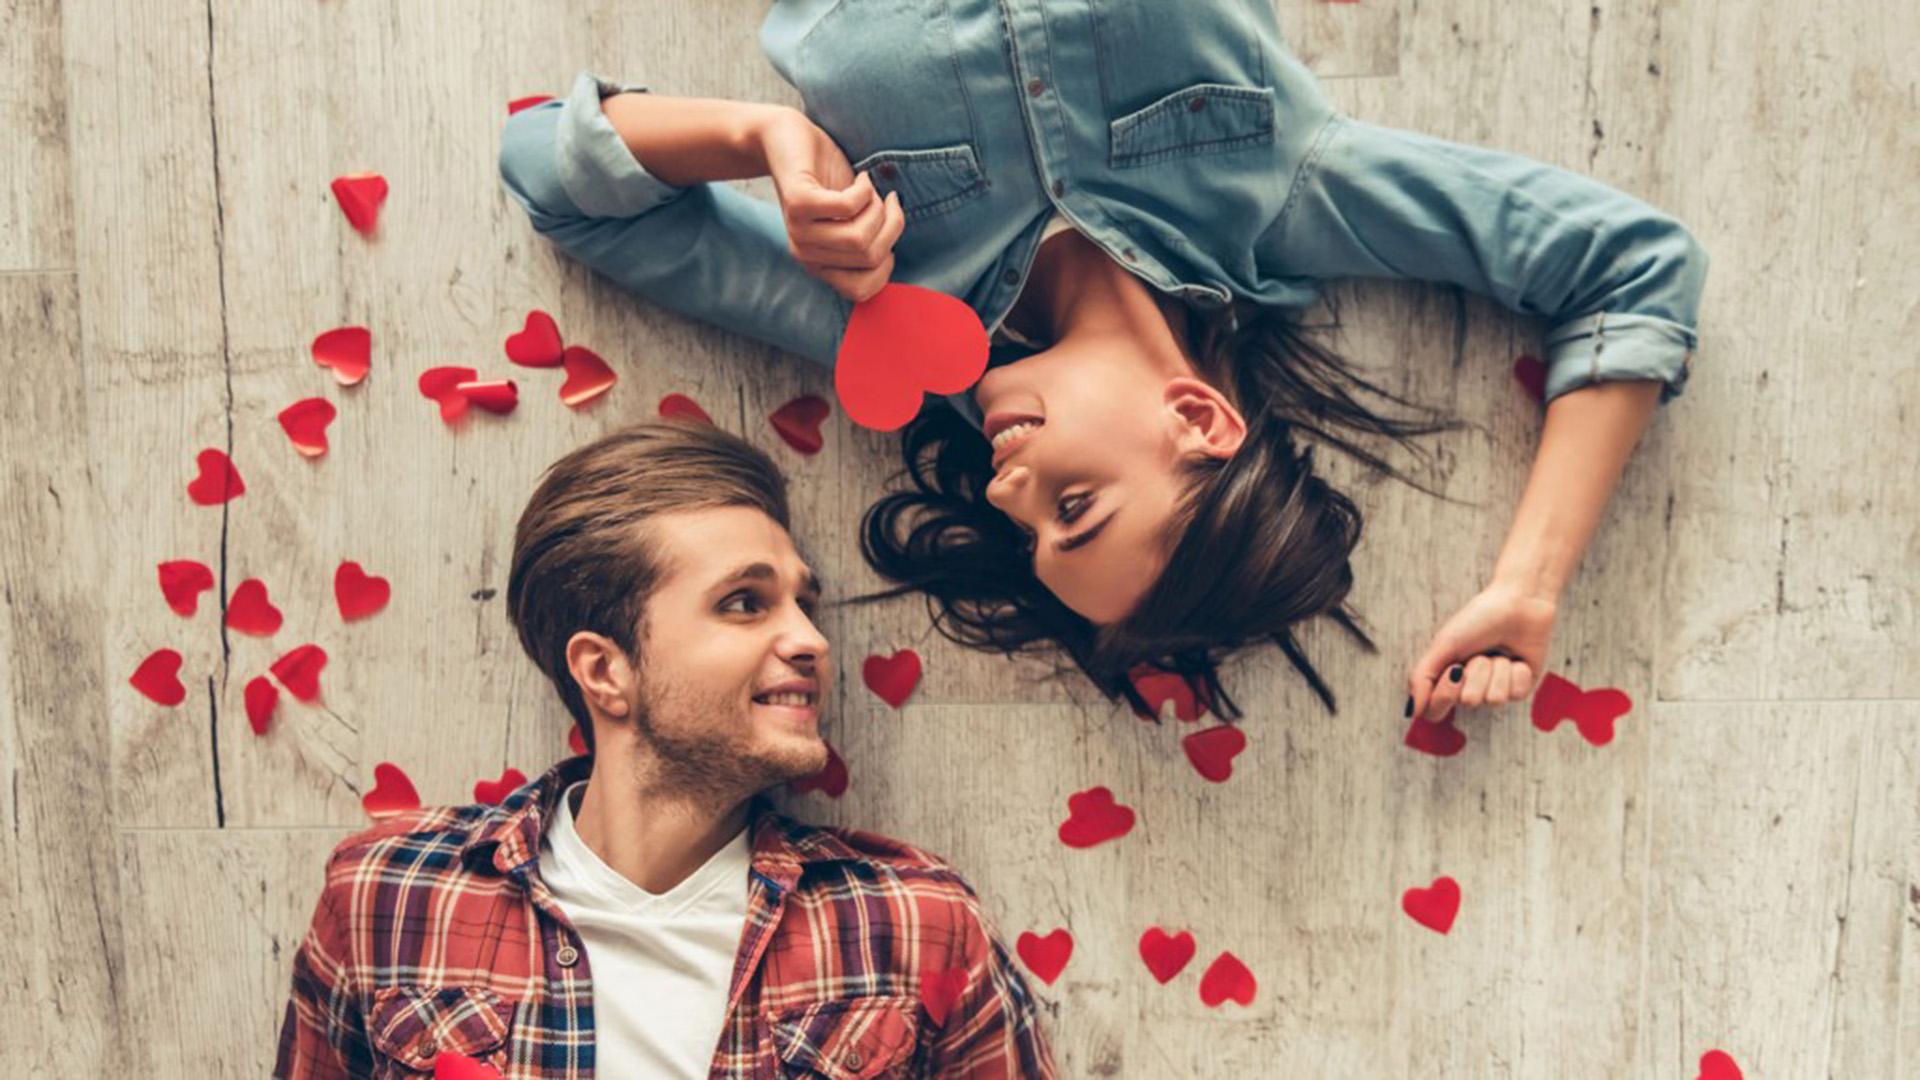 Para este San Valentín, ¿cómo sería ofrecer unas horas valiosas a la verdadera conexión emocional y cercanía física, no solamente expresada por un encuentro sexual intenso? (istock)